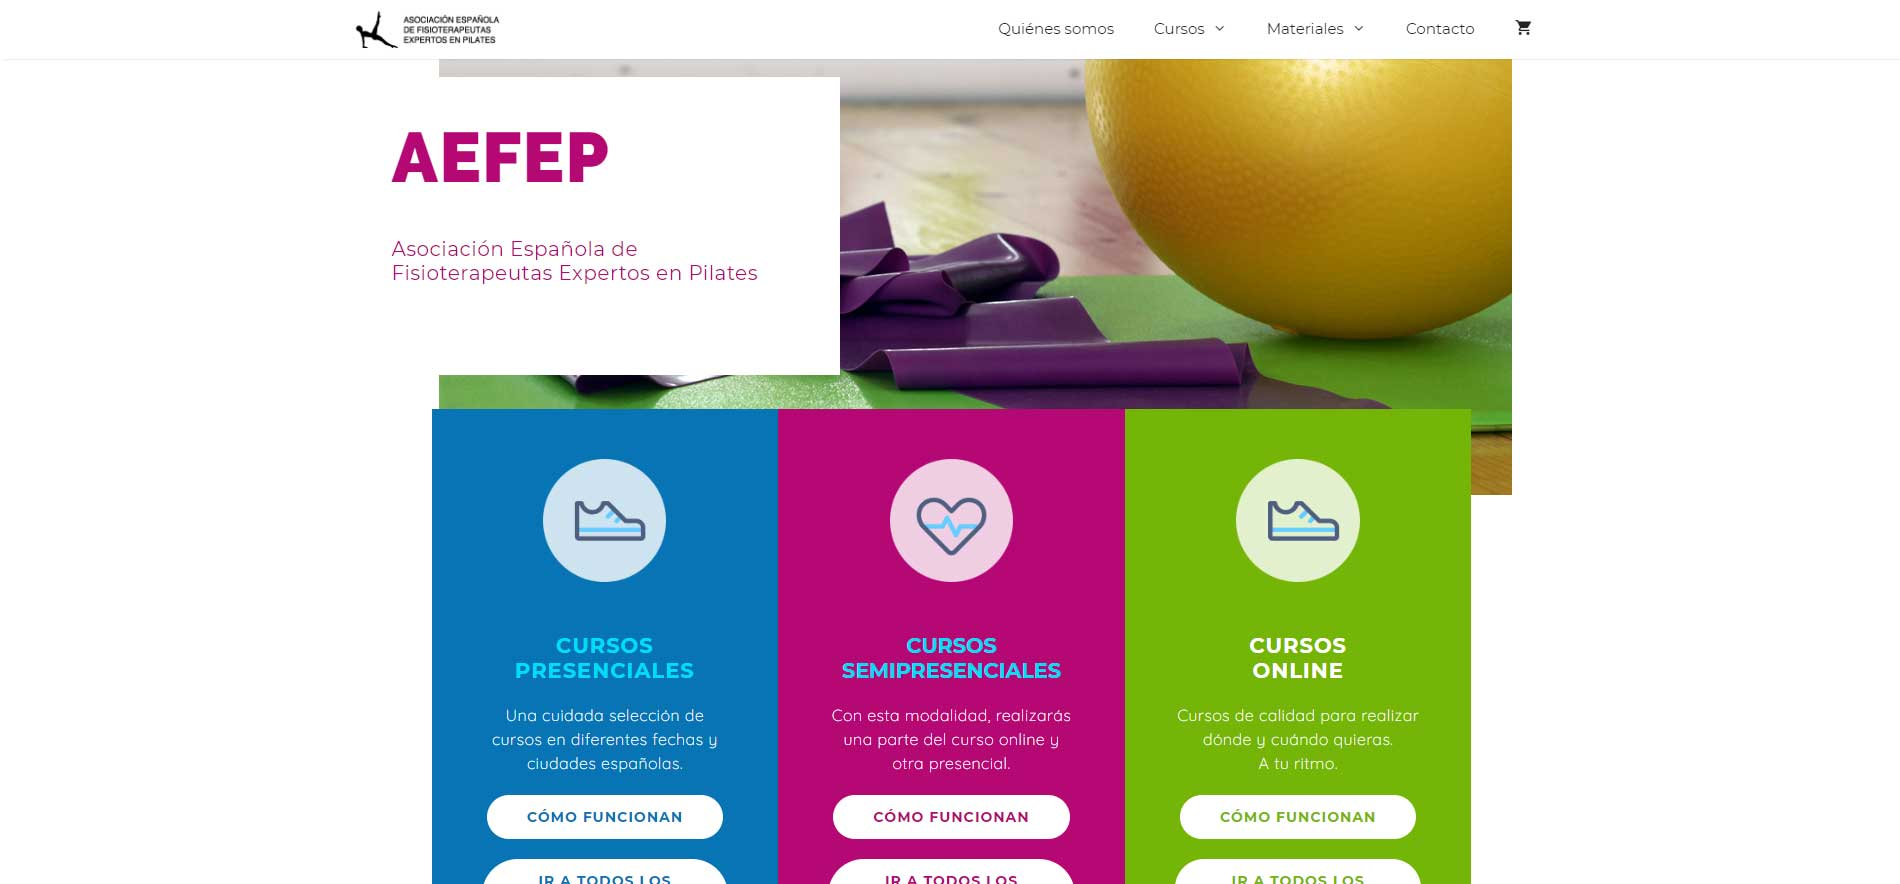 Aefep - Portfolio Protocultura